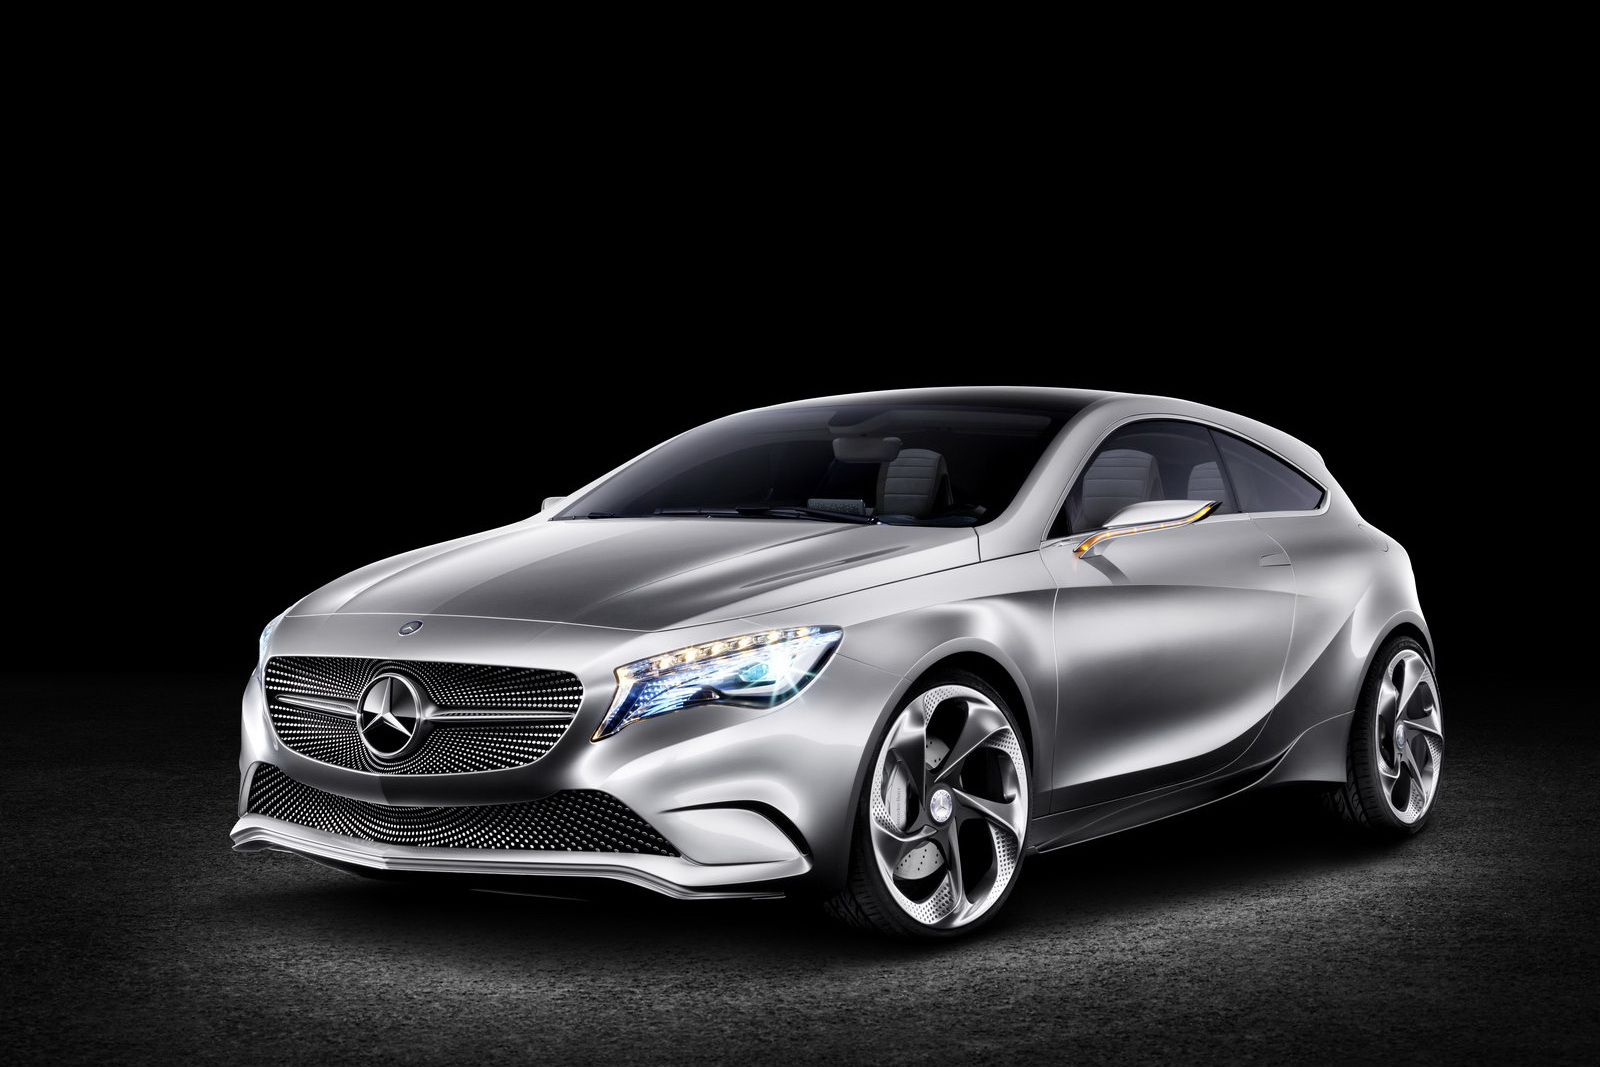 La classe A de Mercedes a bénéficié d'un lifting. Son design propose une ligne plus basse et un long...